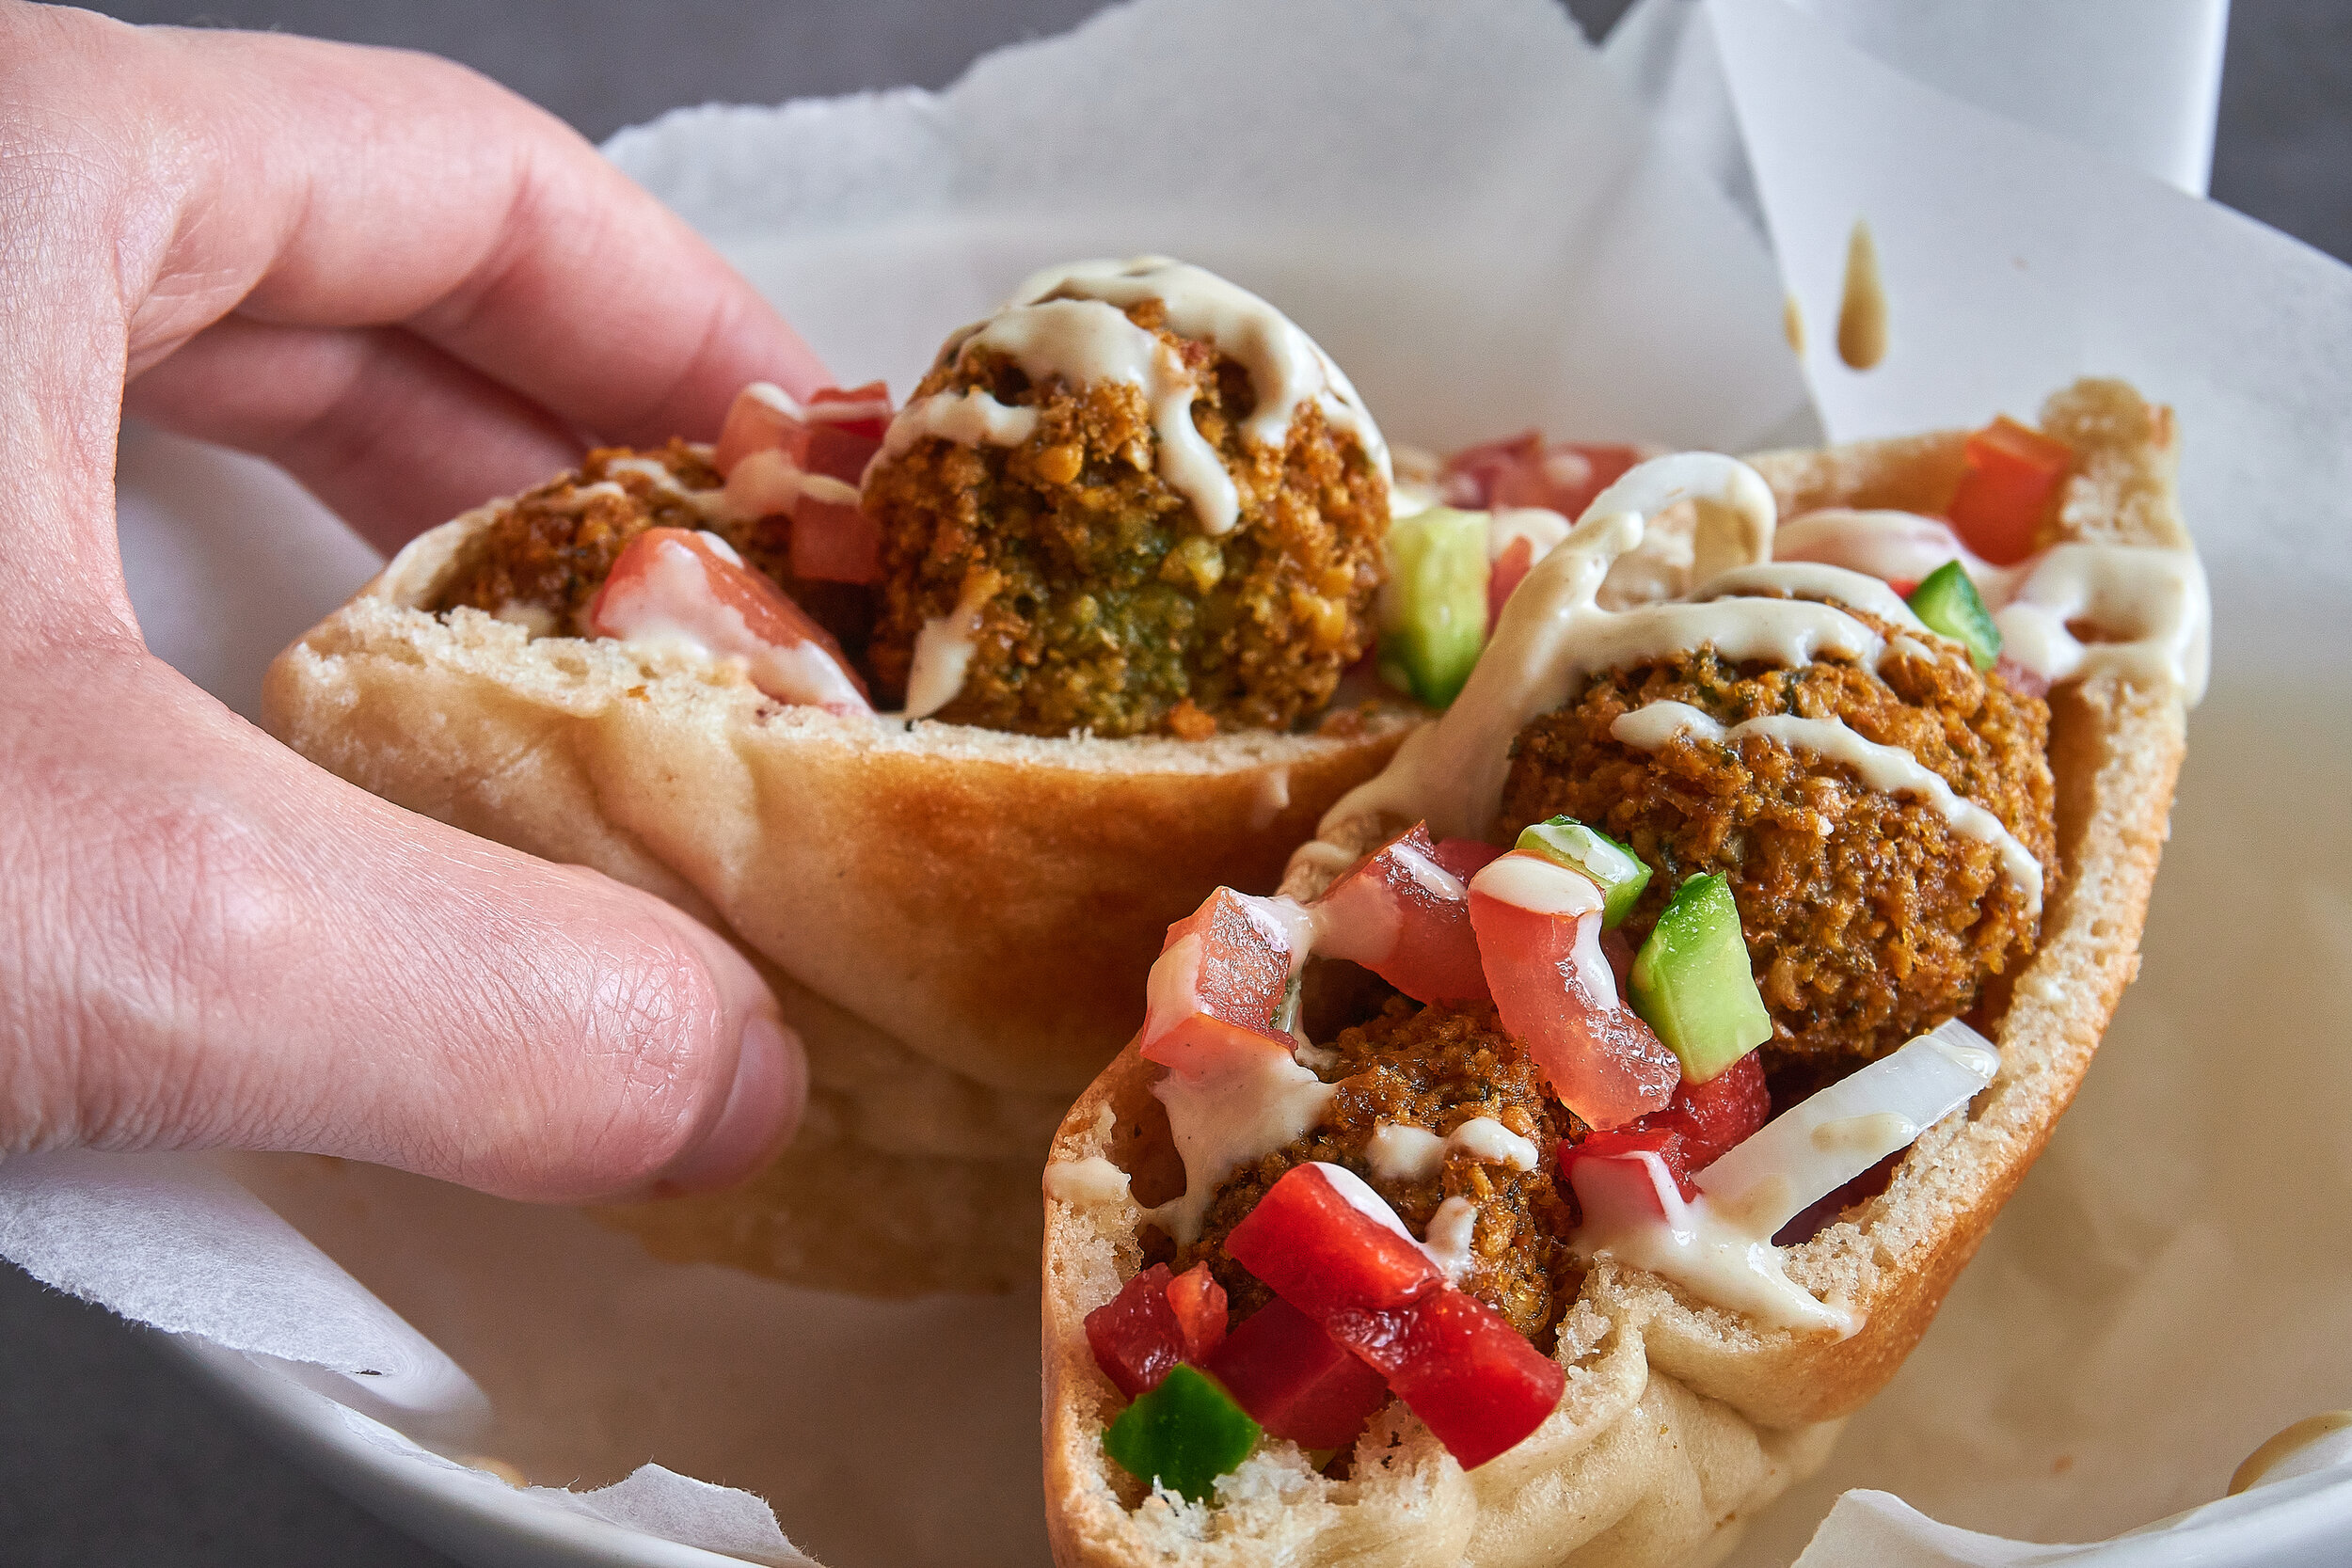 The famous Israeli street food, falafel.